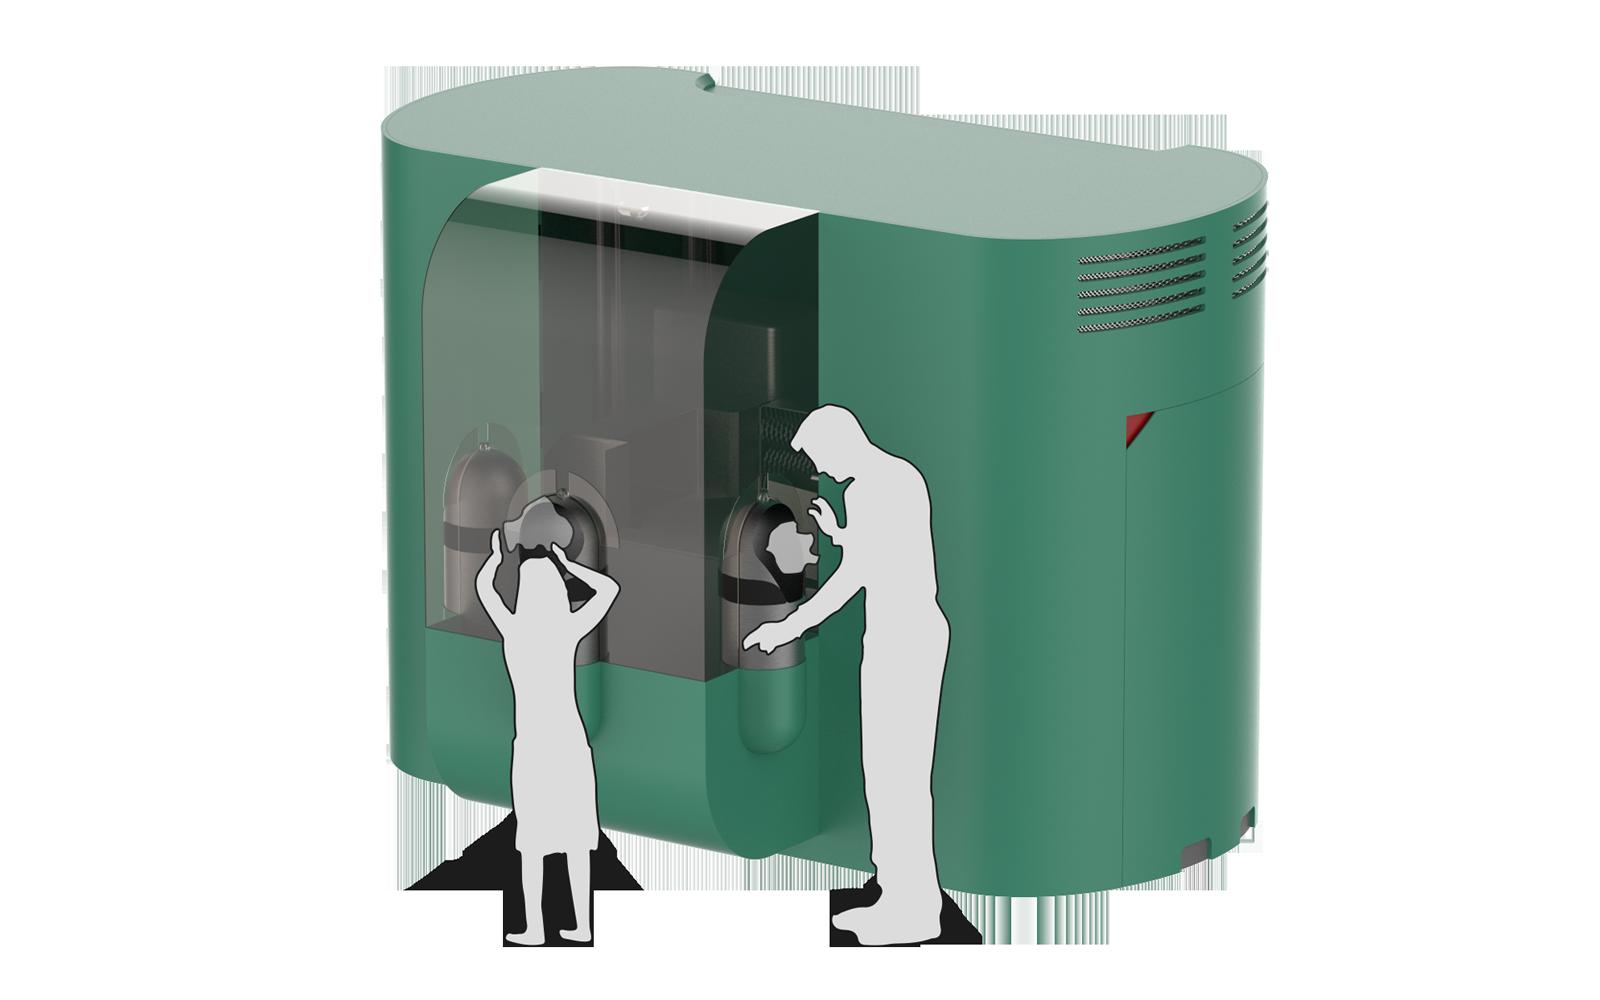 Kunststoffkompost_001